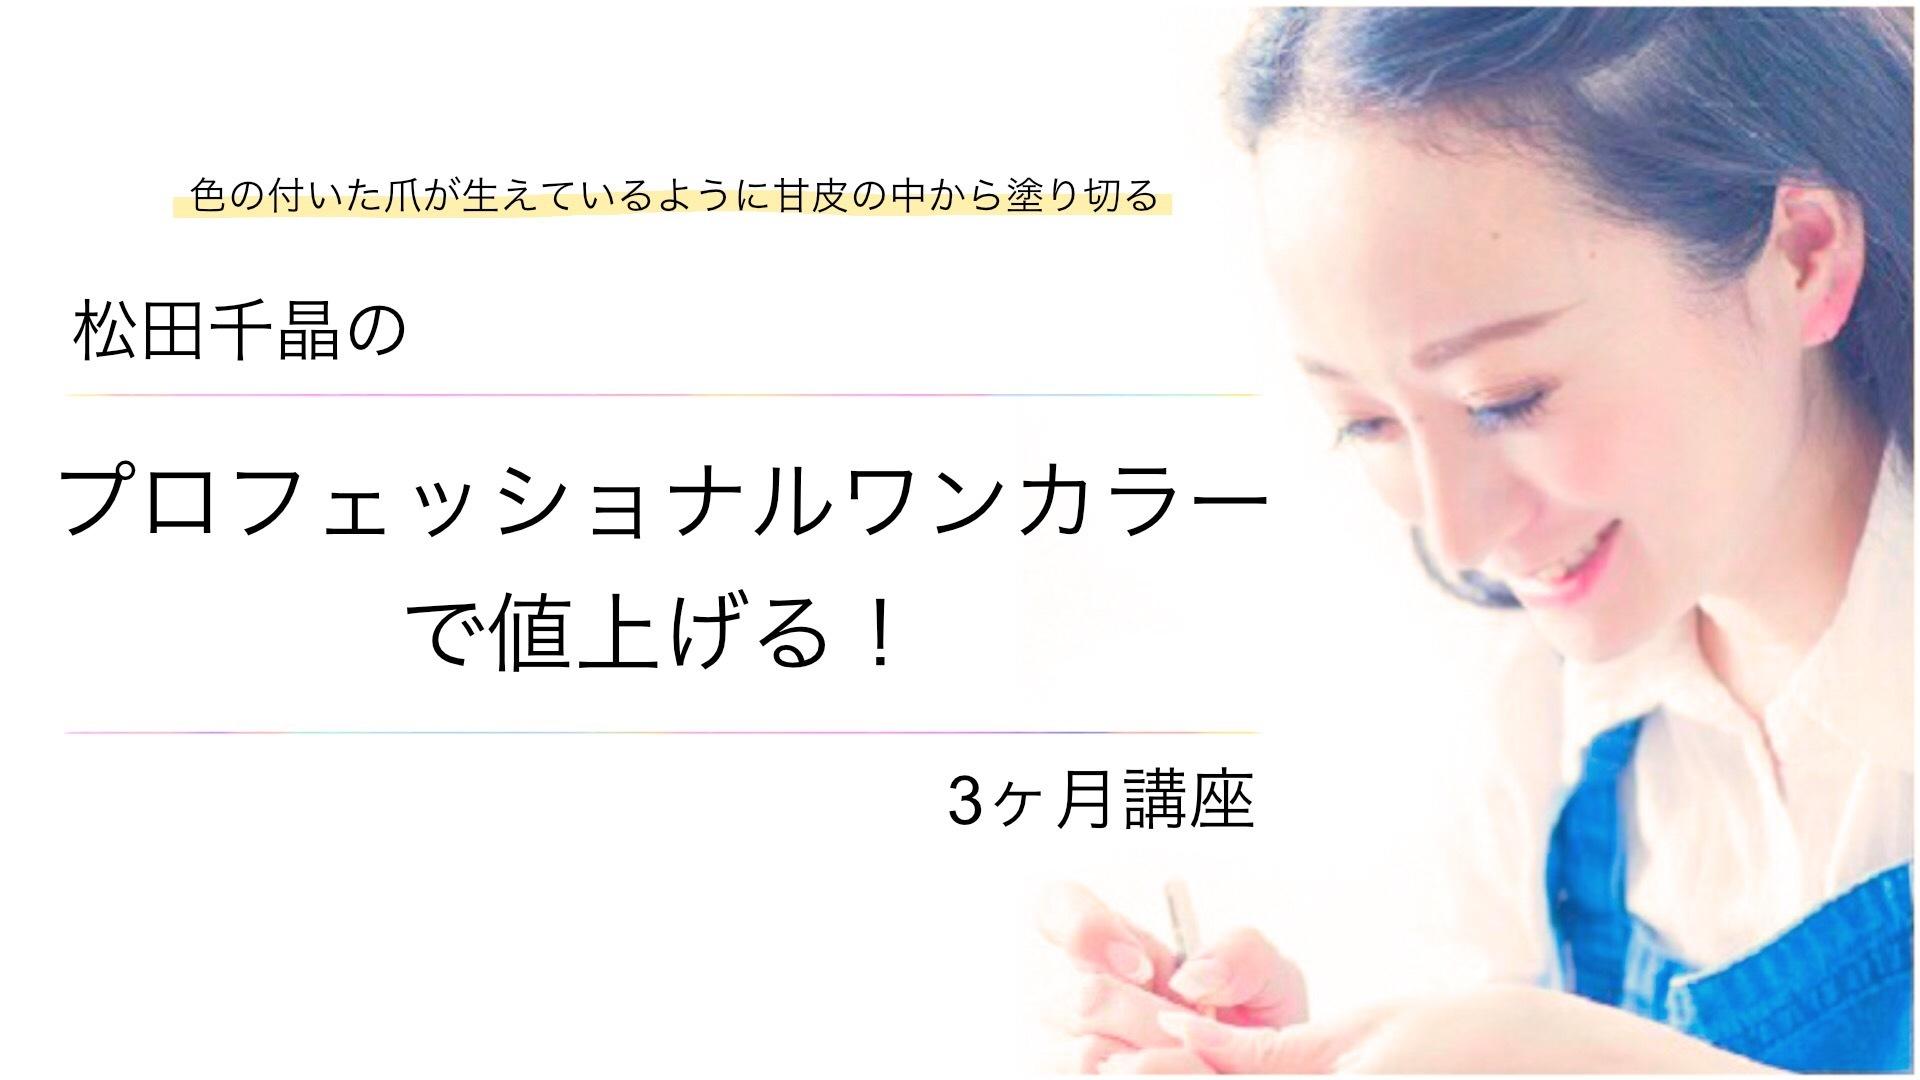 松田千晶の【プロフェッショナルワンカラーで値上げる!】3ヶ月講座